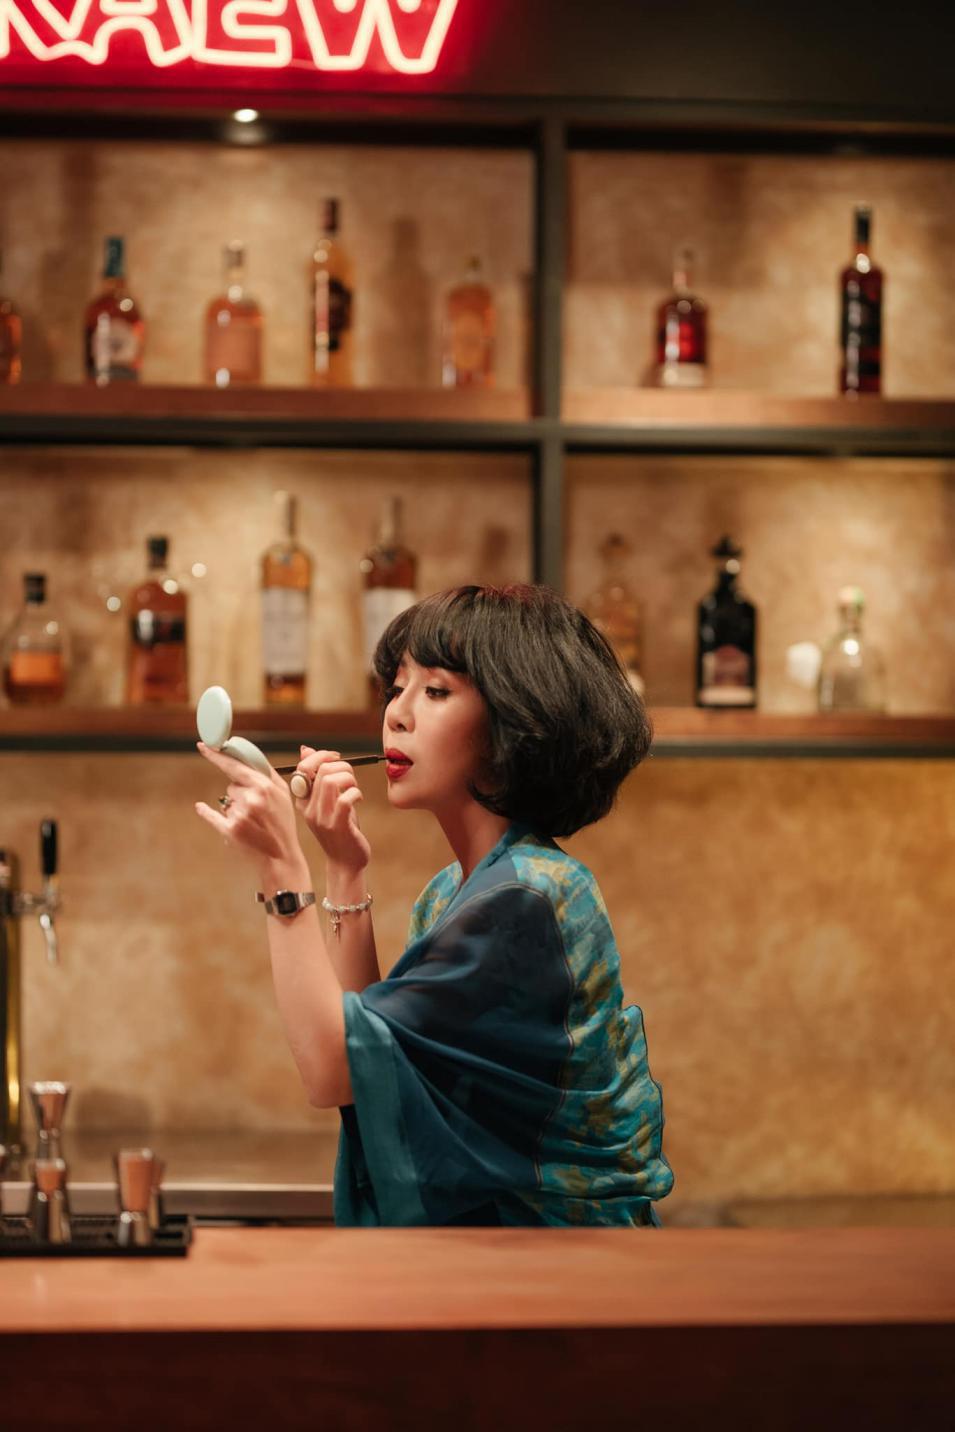 Trác Thúy Miêu lần đầu hóa Đả nữ, bạn thân của Thanh Sói trong phim hành động - Ảnh 2.